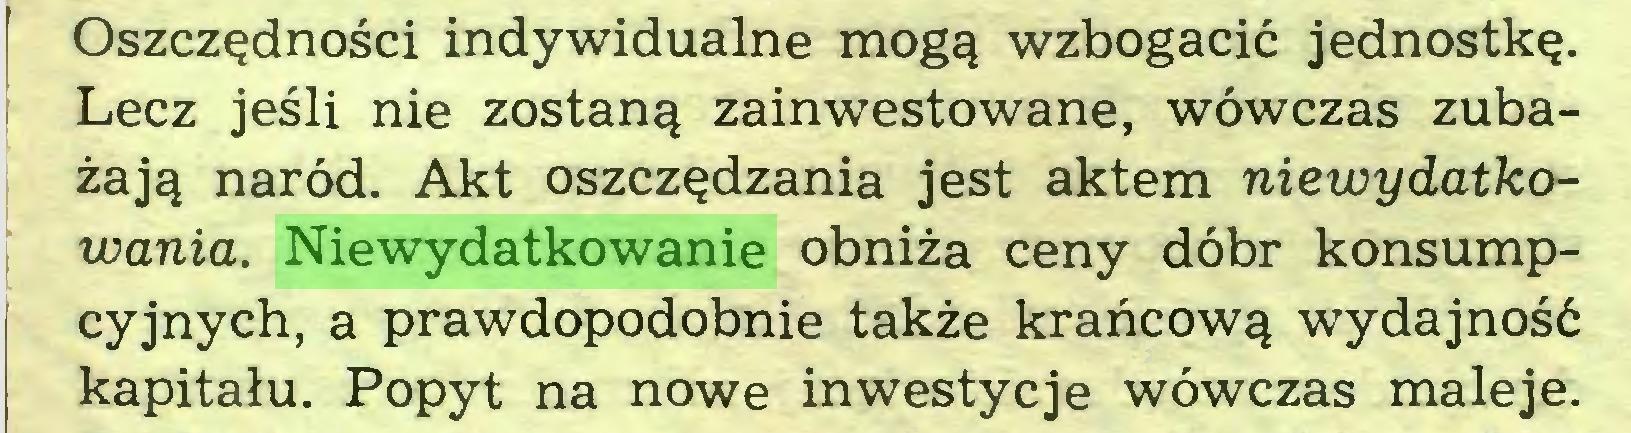 (...) Oszczędności indywidualne mogą wzbogacić jednostkę, i Lecz jeśli nie zostaną zainwestowane, wówczas zubażają naród. Akt oszczędzania jest aktem niewydatkowania. Niewydatkowanie obniża ceny dóbr konsumpcyjnych, a prawdopodobnie także krańcową wydajność kapitału. Popyt na nowe inwestycje wówczas maleje...